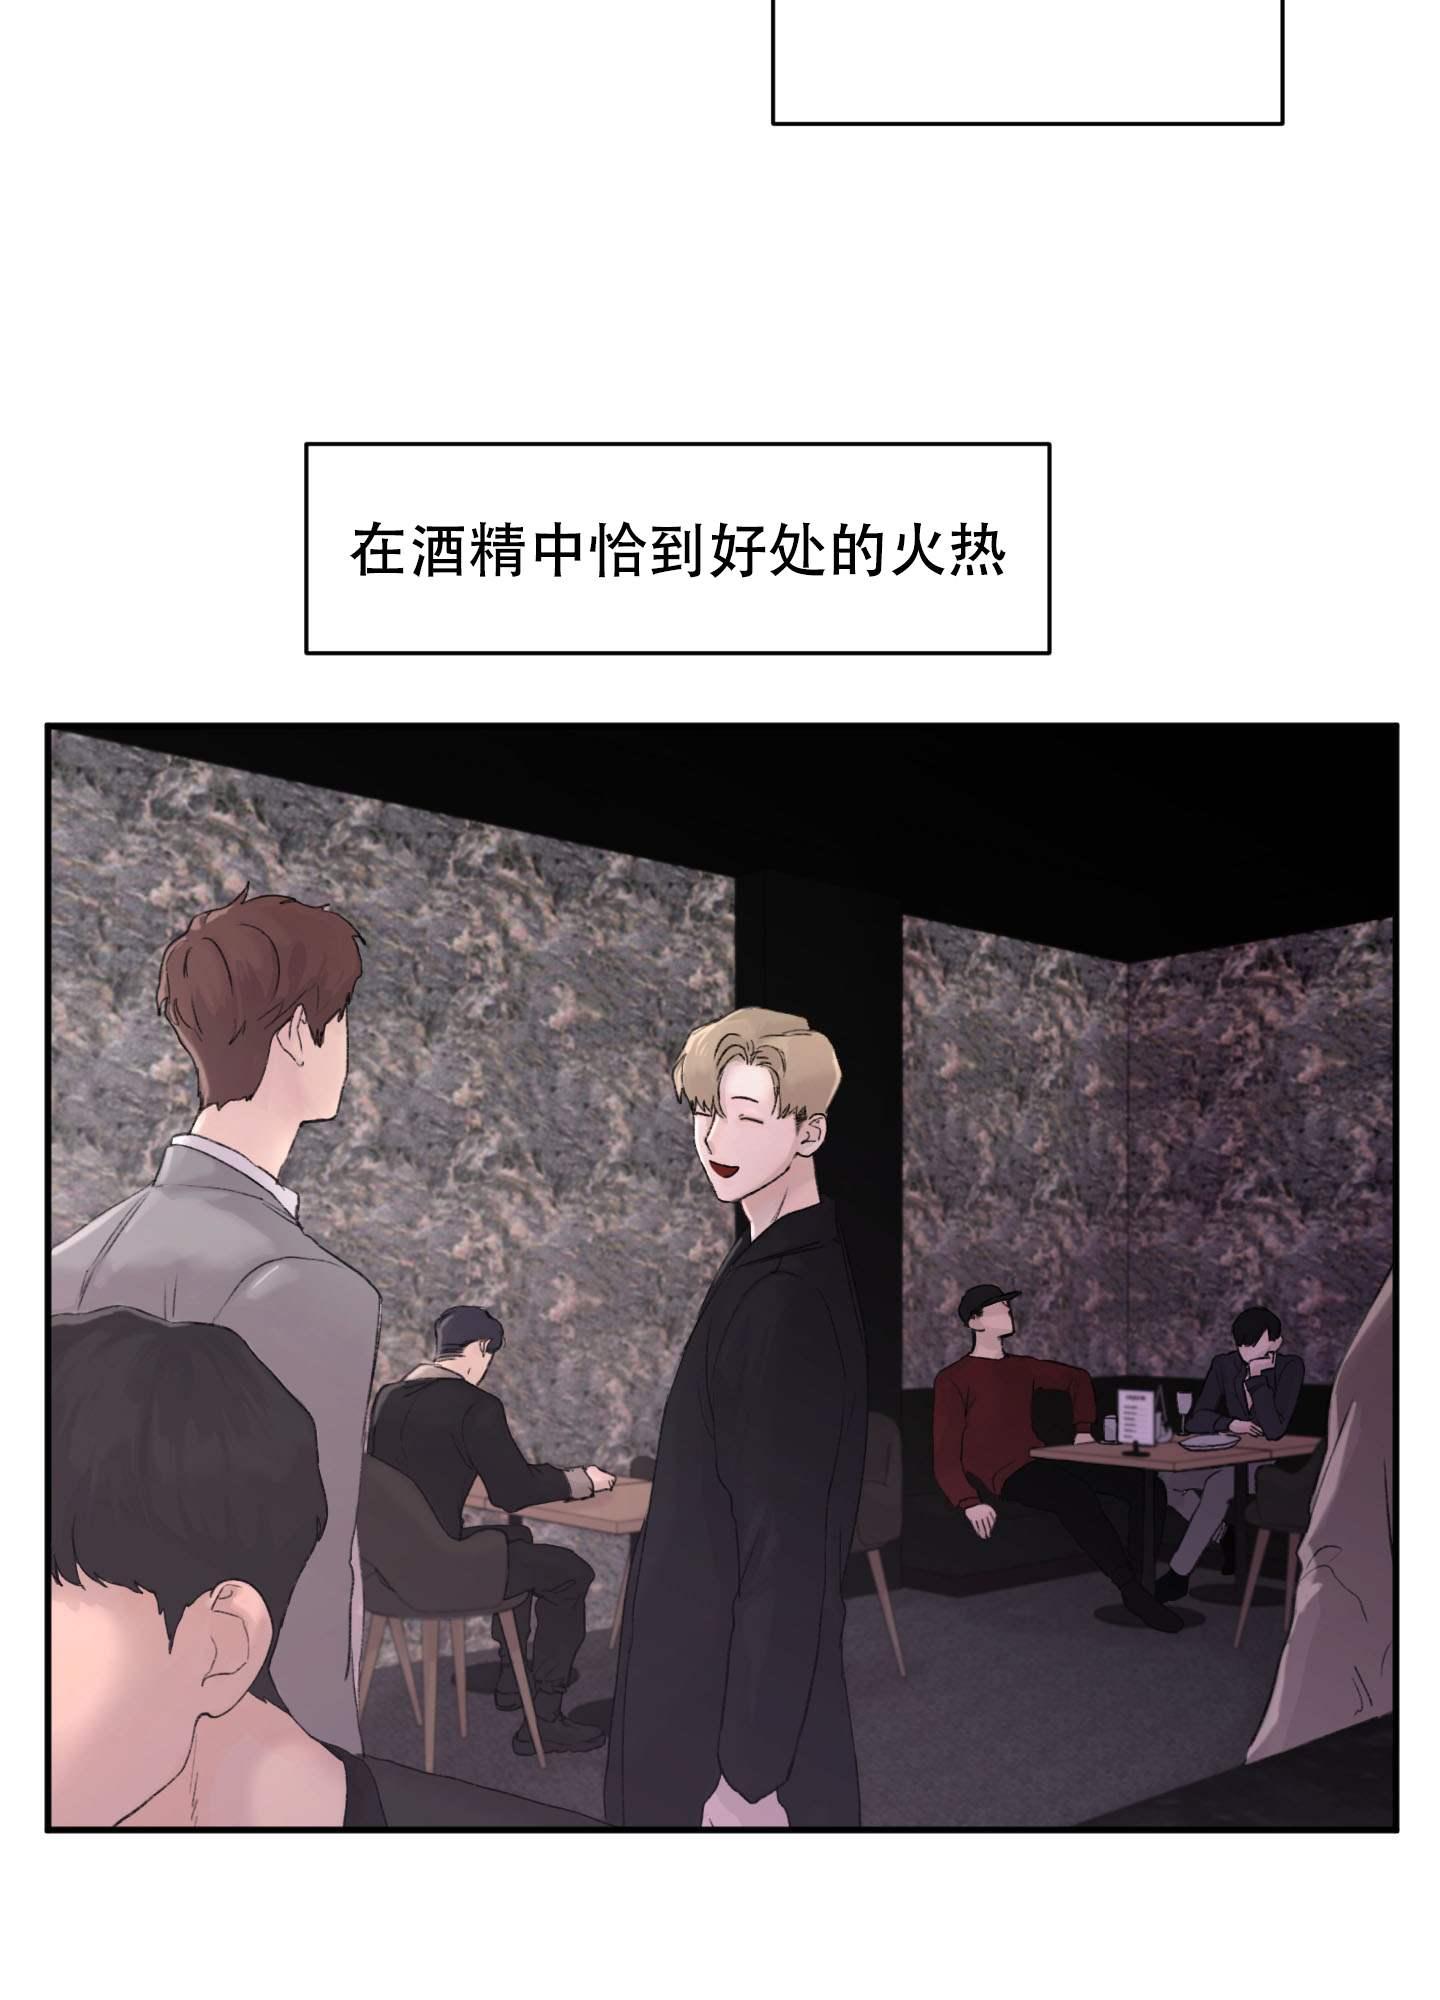 韩漫 |《恶魔的低语》年下痞老板,上来就扑倒!  第3张